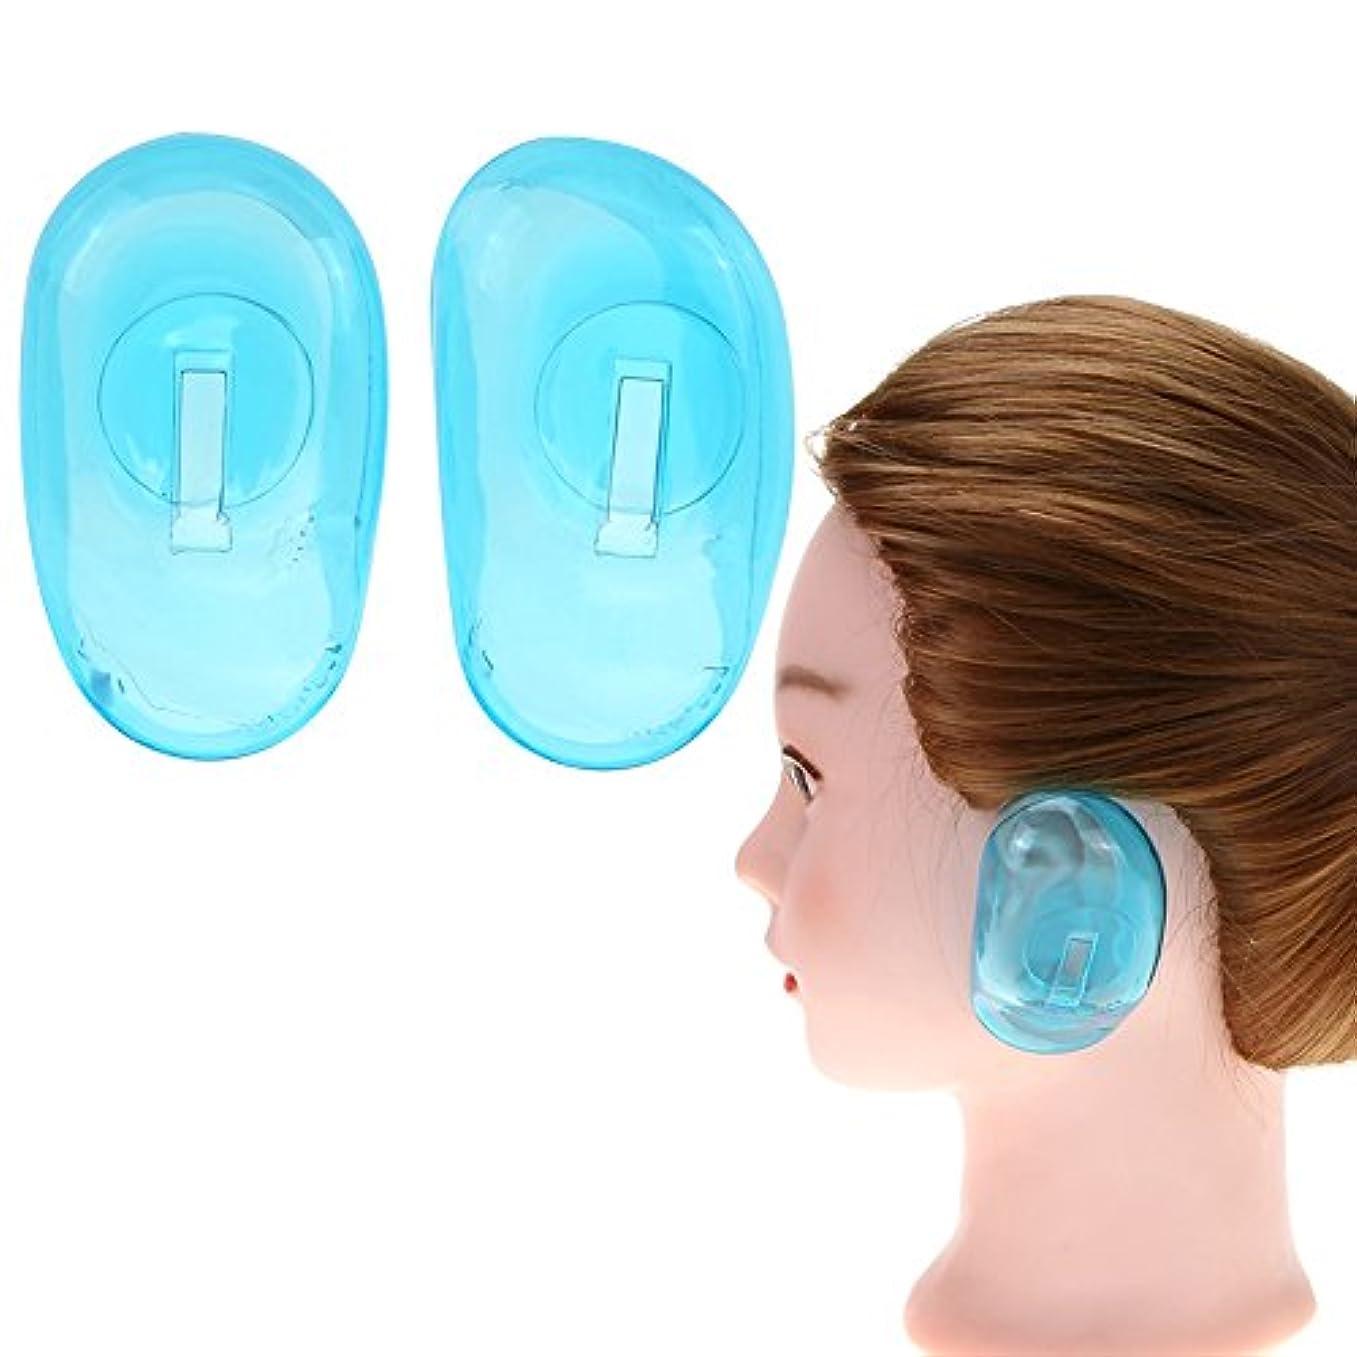 妨げる誕生マントルRuier-tong 1ペア耳カバー 毛染め用 シリコン製 耳キャップ 柔らかいイヤーキャップ ヘアカラー シャワー 耳保護 ヘアケアツール サロン 洗える 繰り返す使用可能 エコ 8.5x5cm